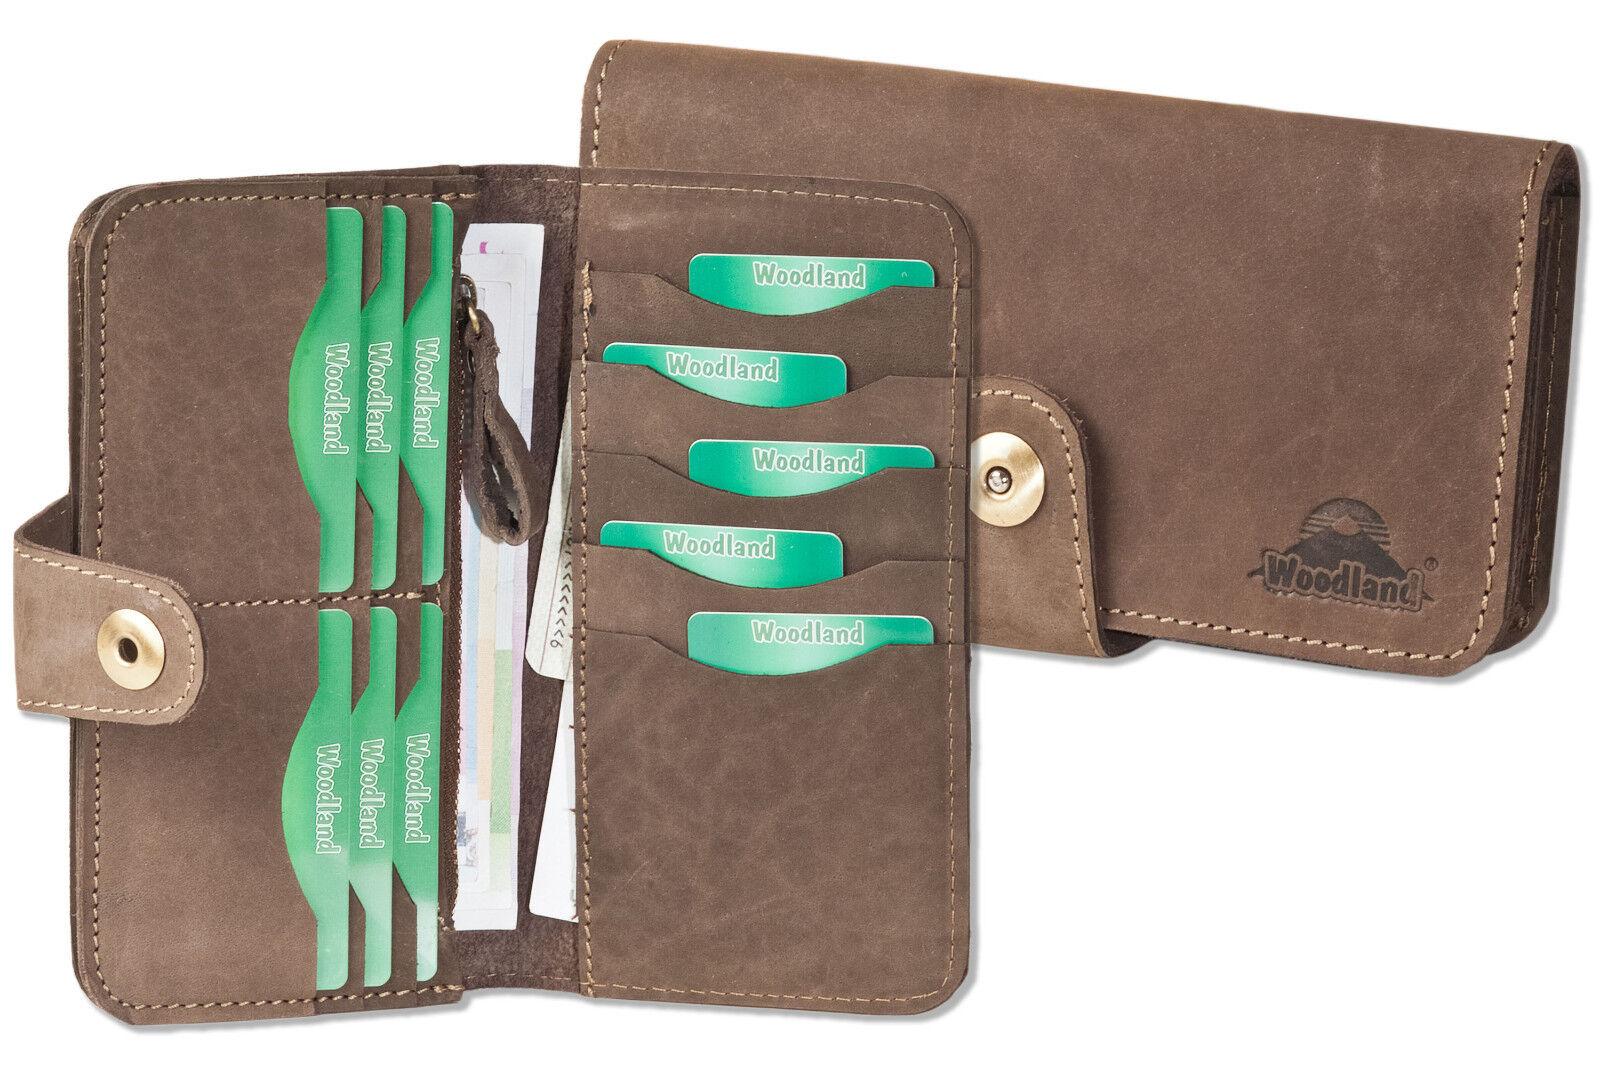 Woodland® Brieftasche   Geldbörse aus naturbelassenem Büffelleder in Dunkelbraun  | Hervorragende Eigenschaften